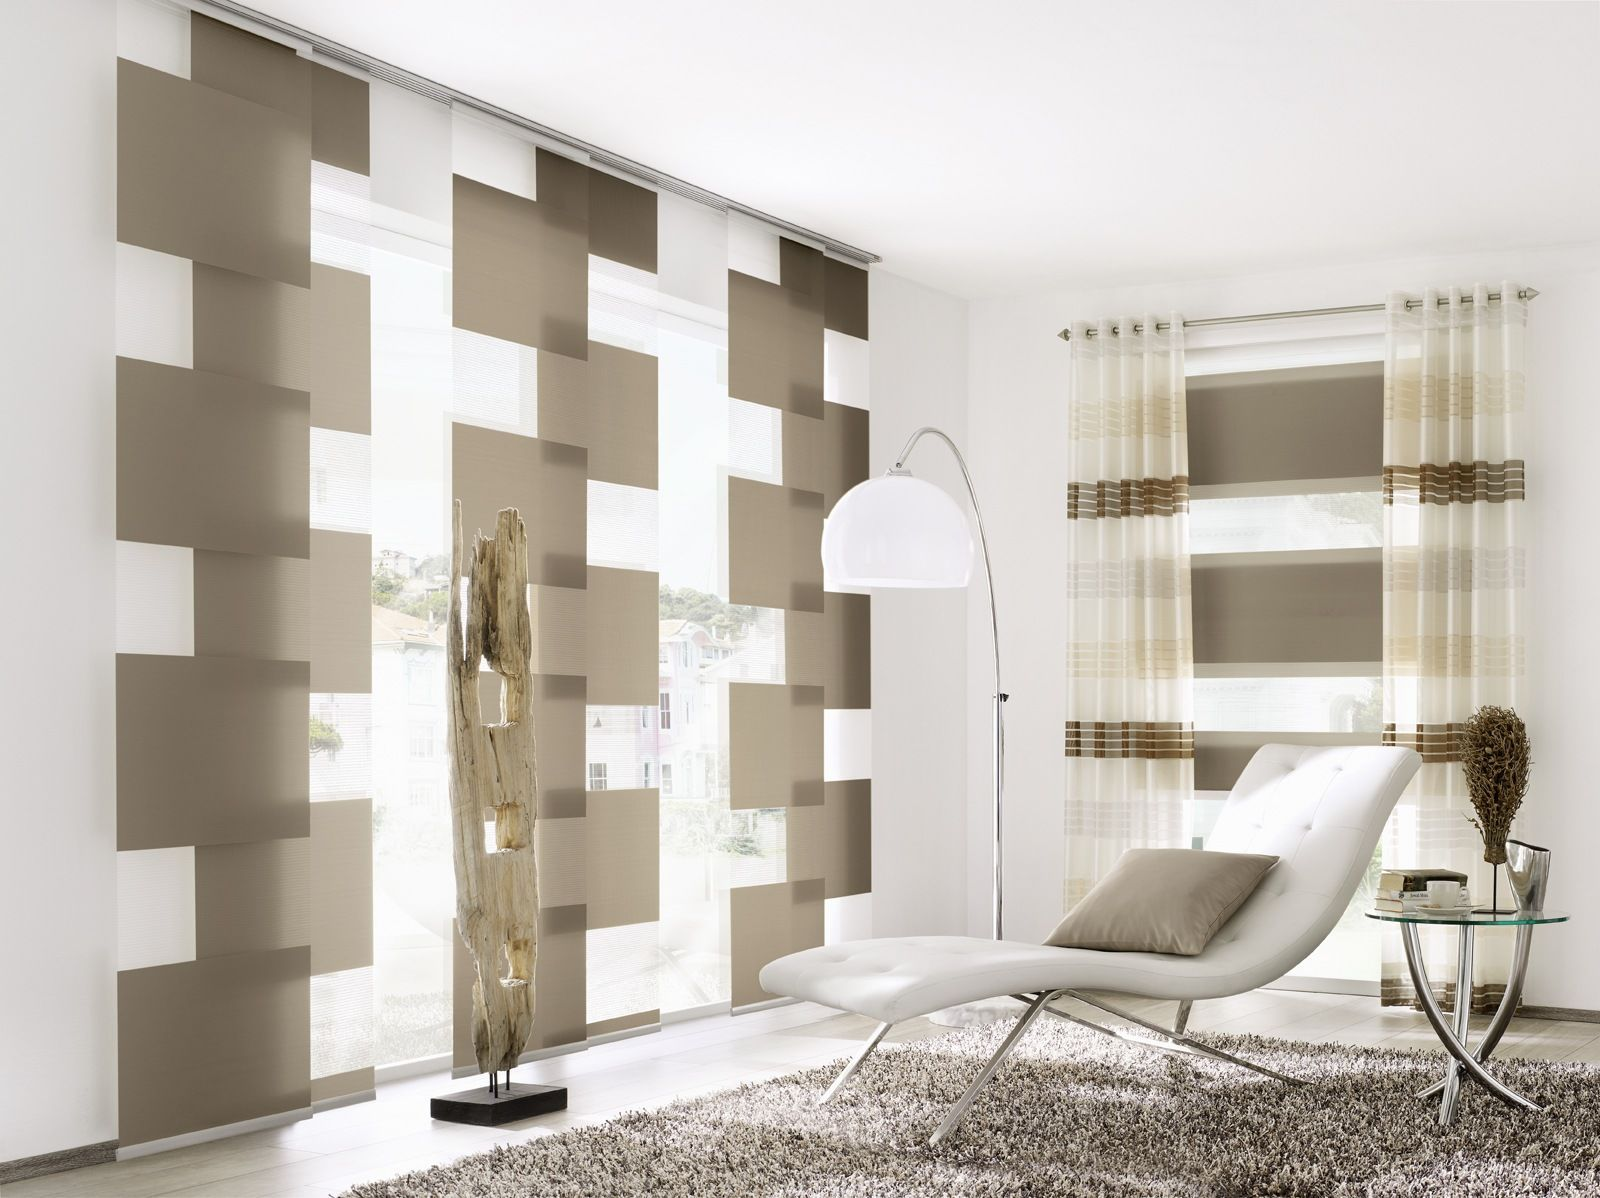 bildergebnis f r moderne gardinen wohnzimmer wohnzimmer pinterest gardinen wohnzimmer